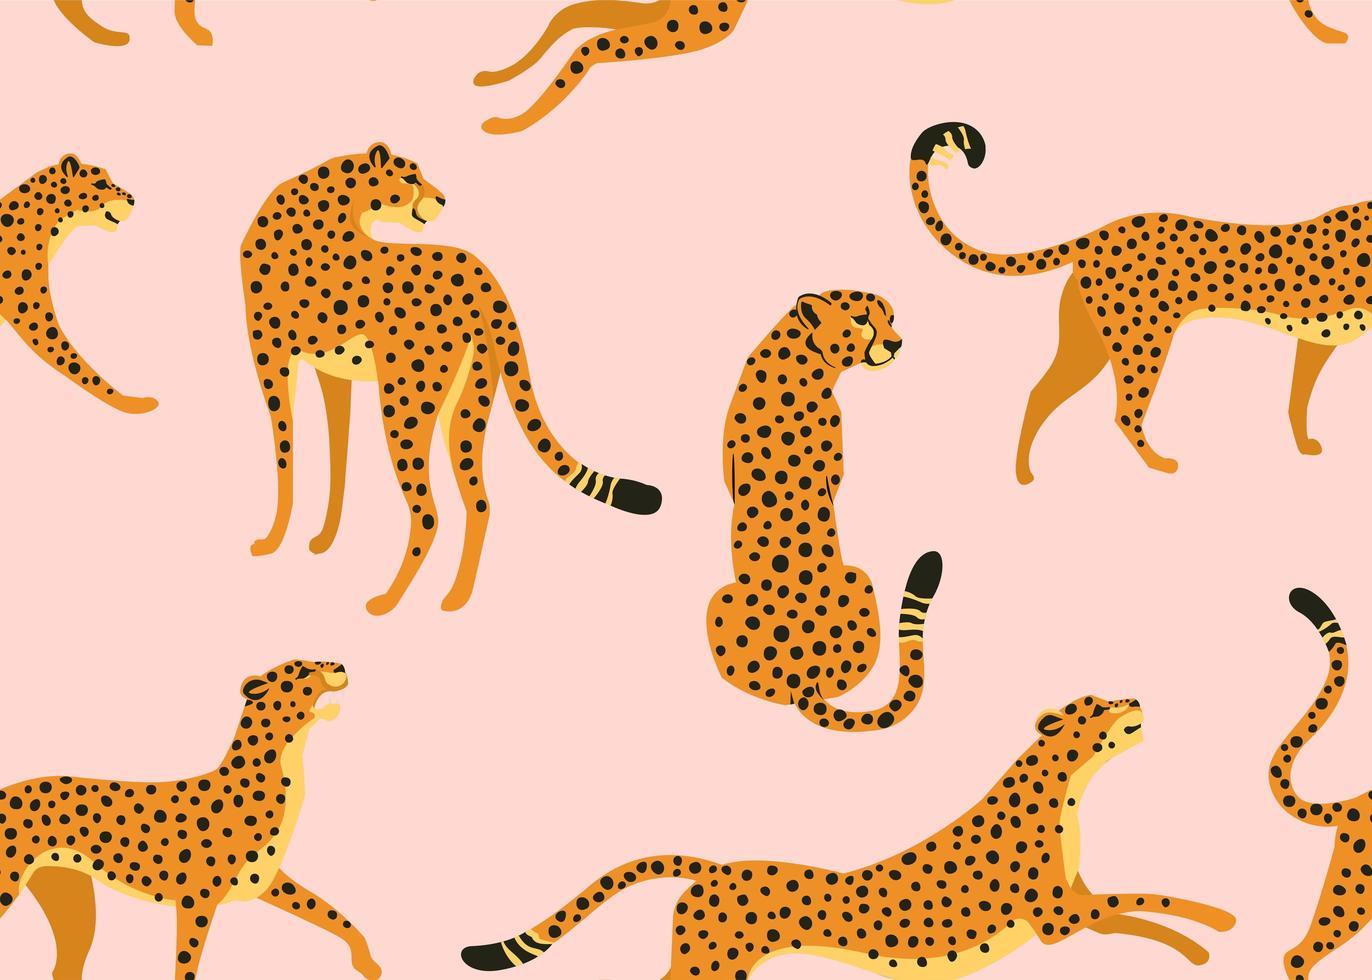 motif léopard abstrait. texture transparente de vecteur. illustration à la mode. vecteur